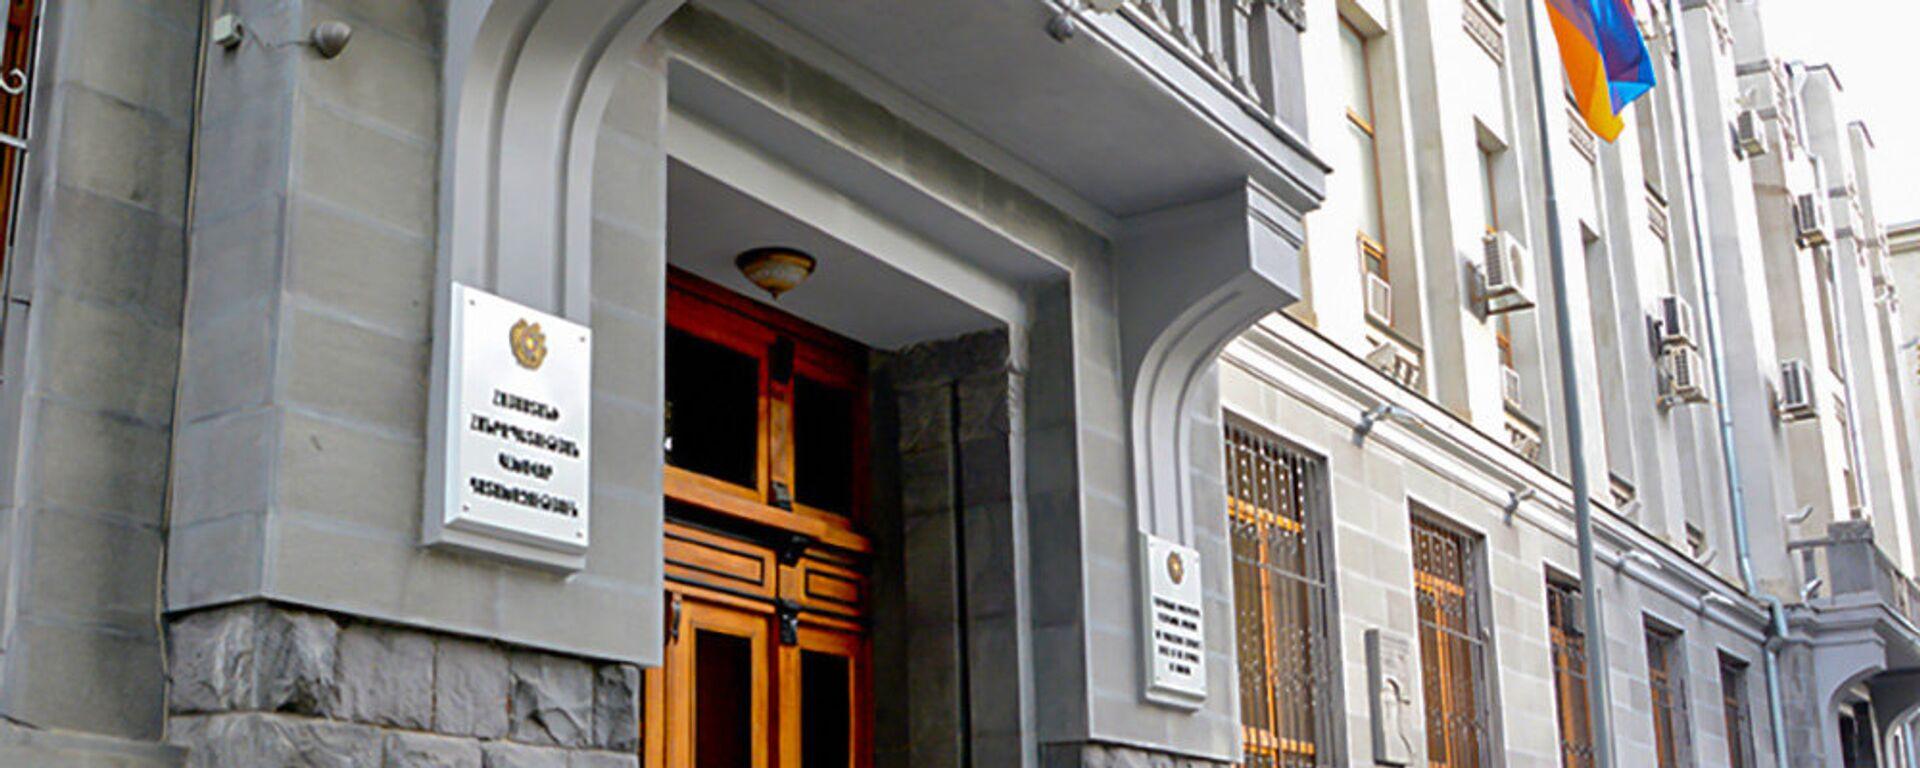 ՀՀ գլխավոր դատախազություն - Sputnik Արմենիա, 1920, 15.09.2021